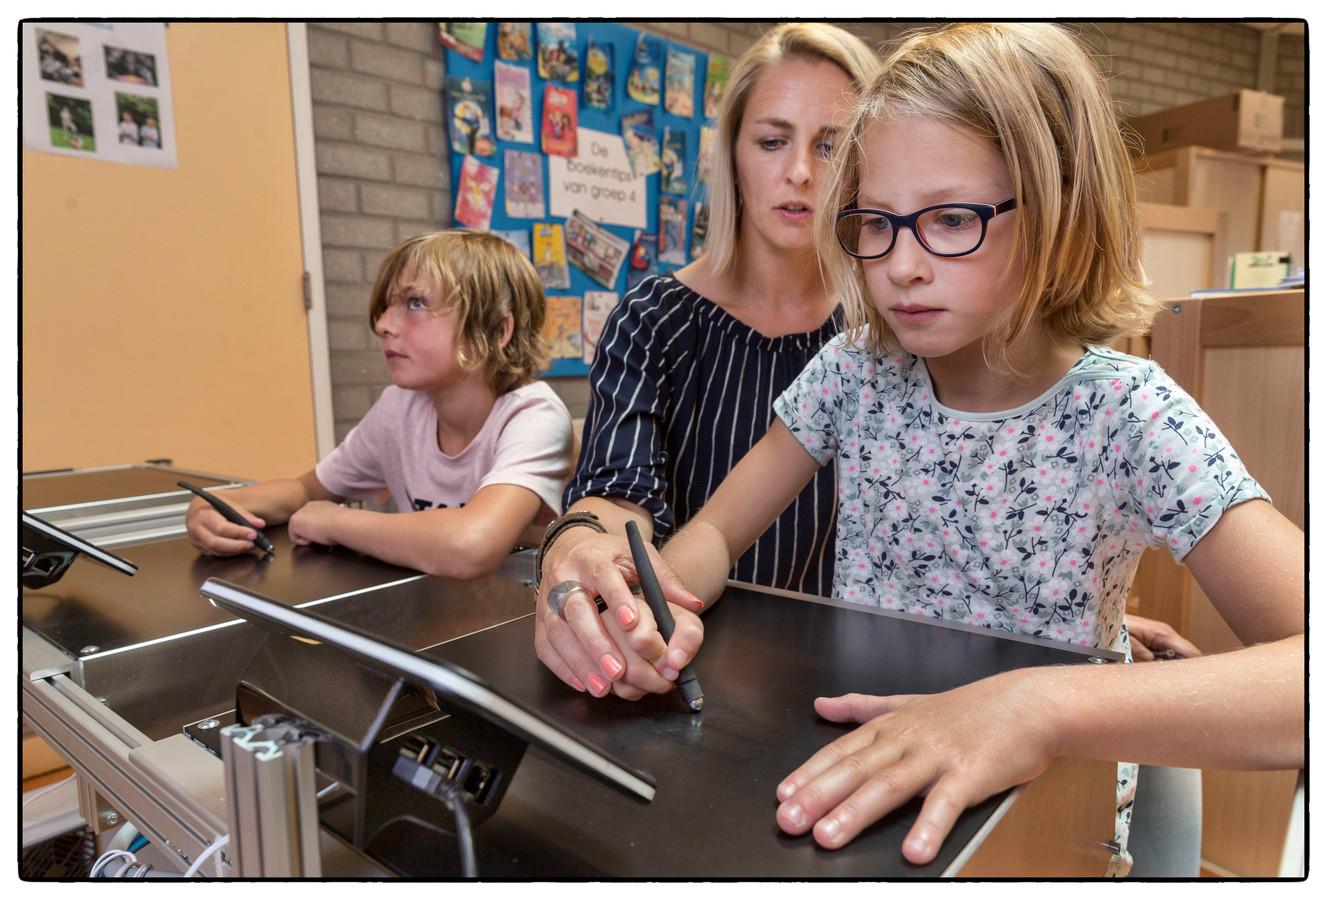 Op basisschool De Boeier in Lelystad loopt een proef met een schrijfmachine.